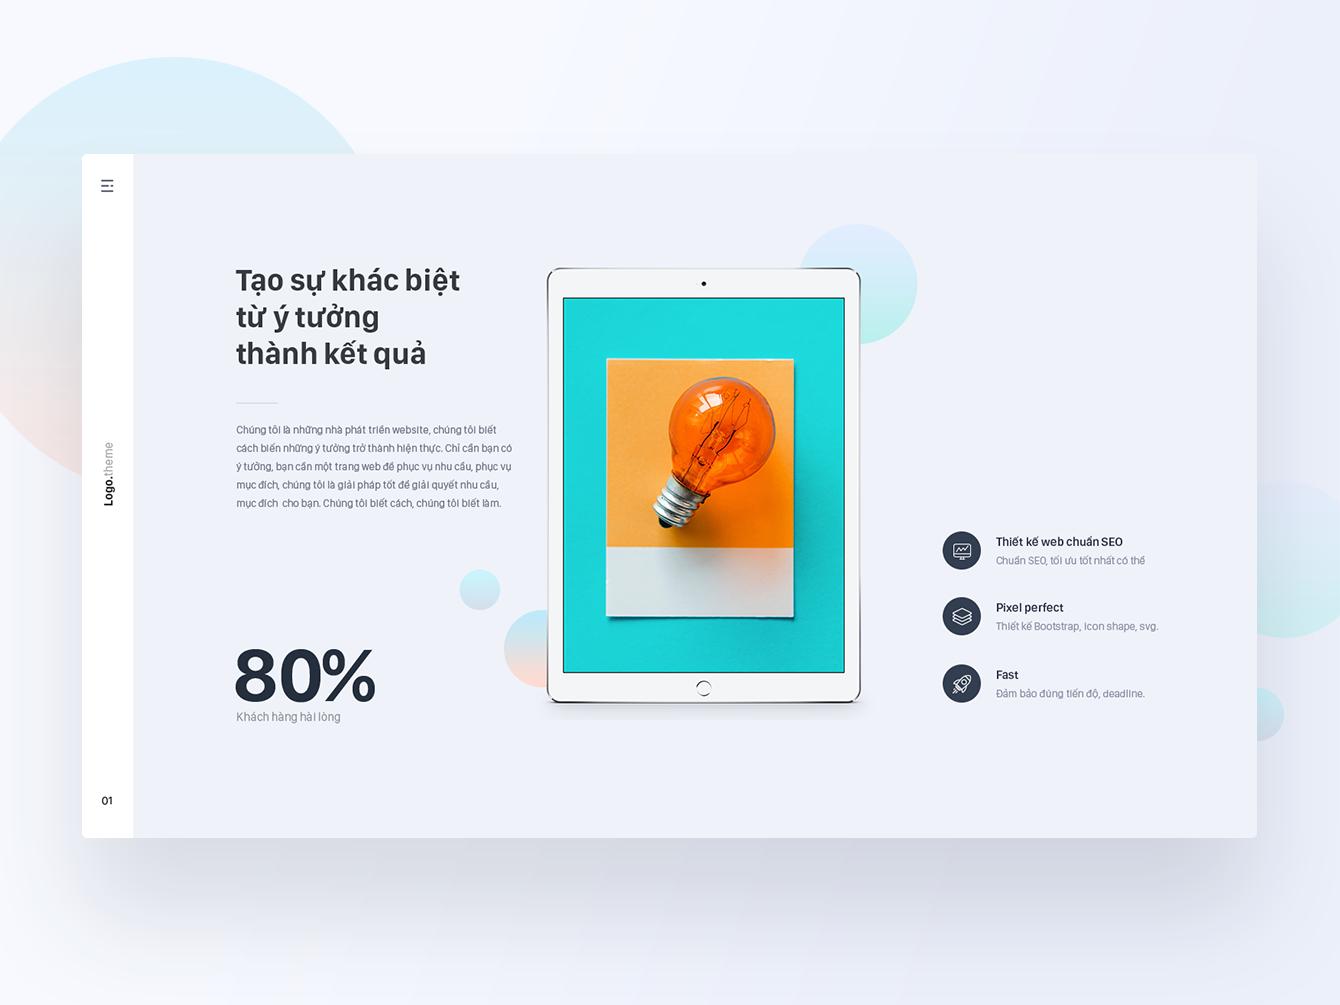 Web design uiux web design dribbble